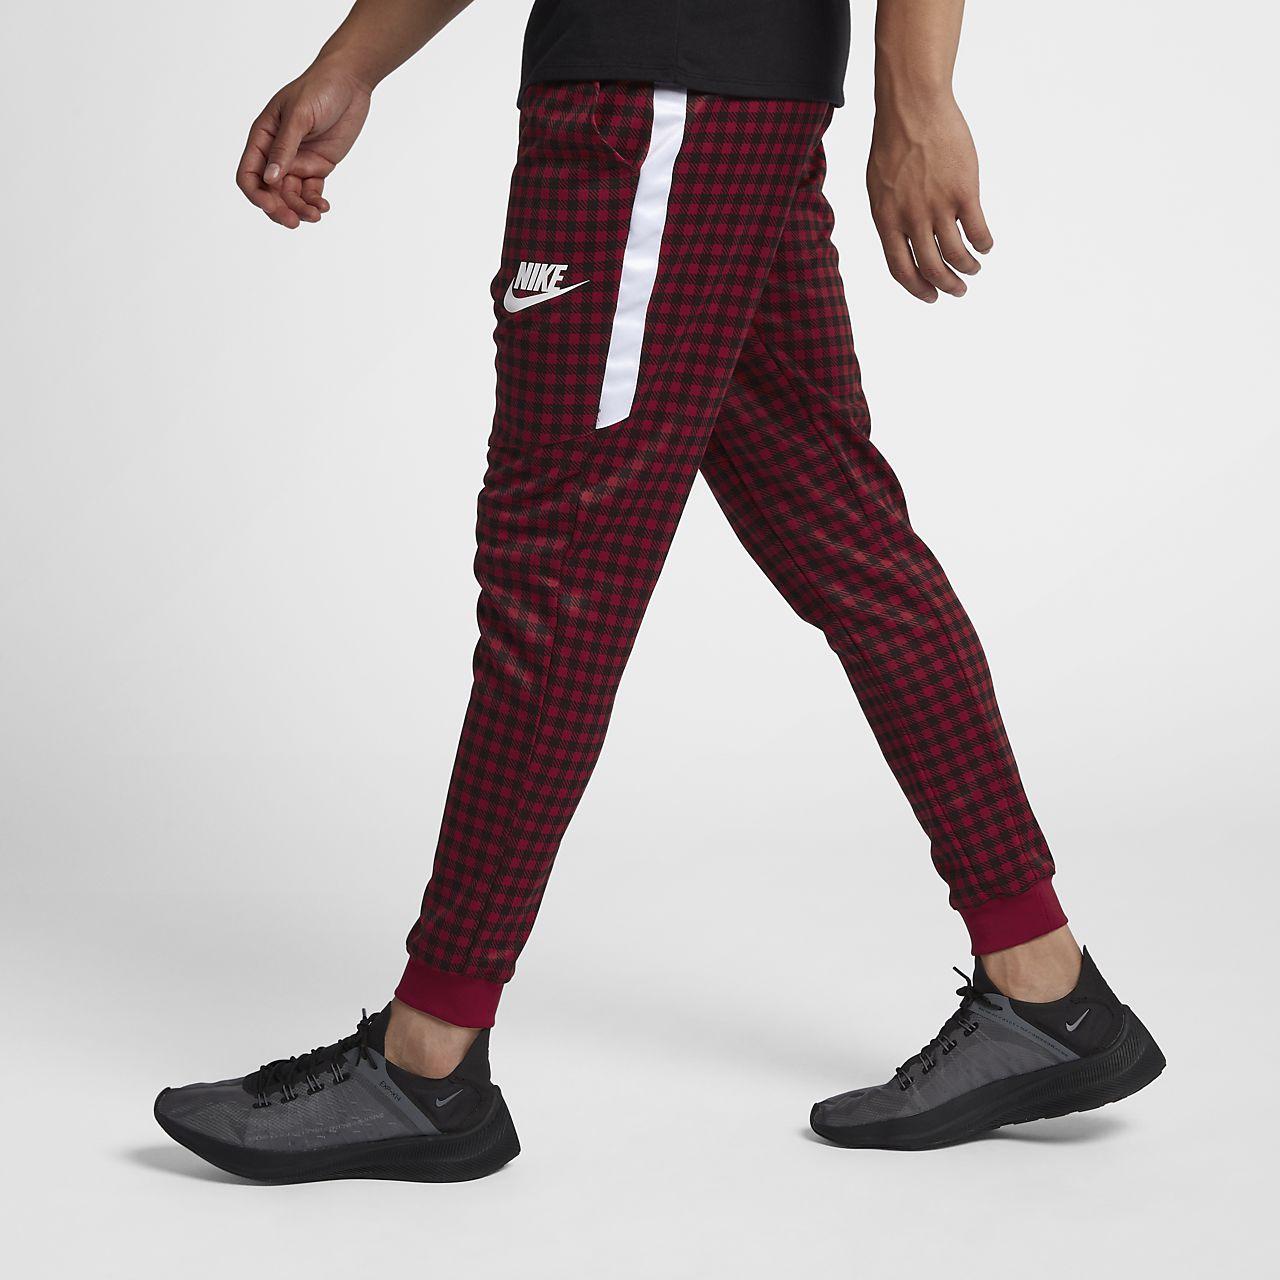 Calças de jogging com grafismo Nike Sportswear